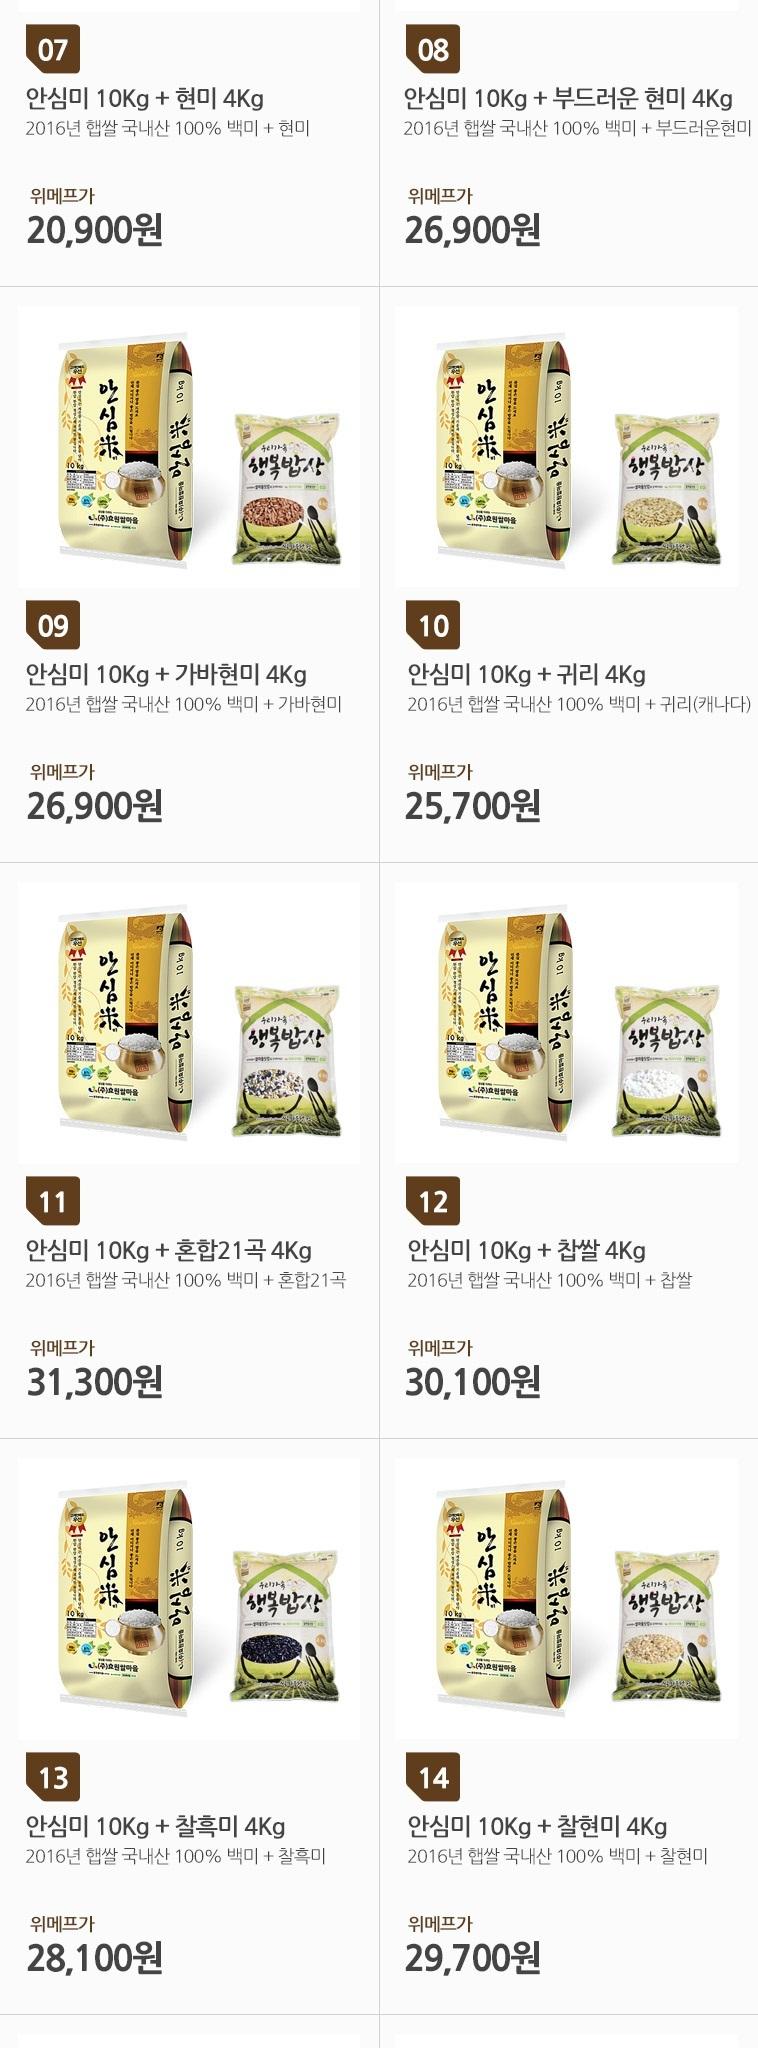 후기굿 16년햅쌀 안심미 쌀10kg 특가 - 상세정보